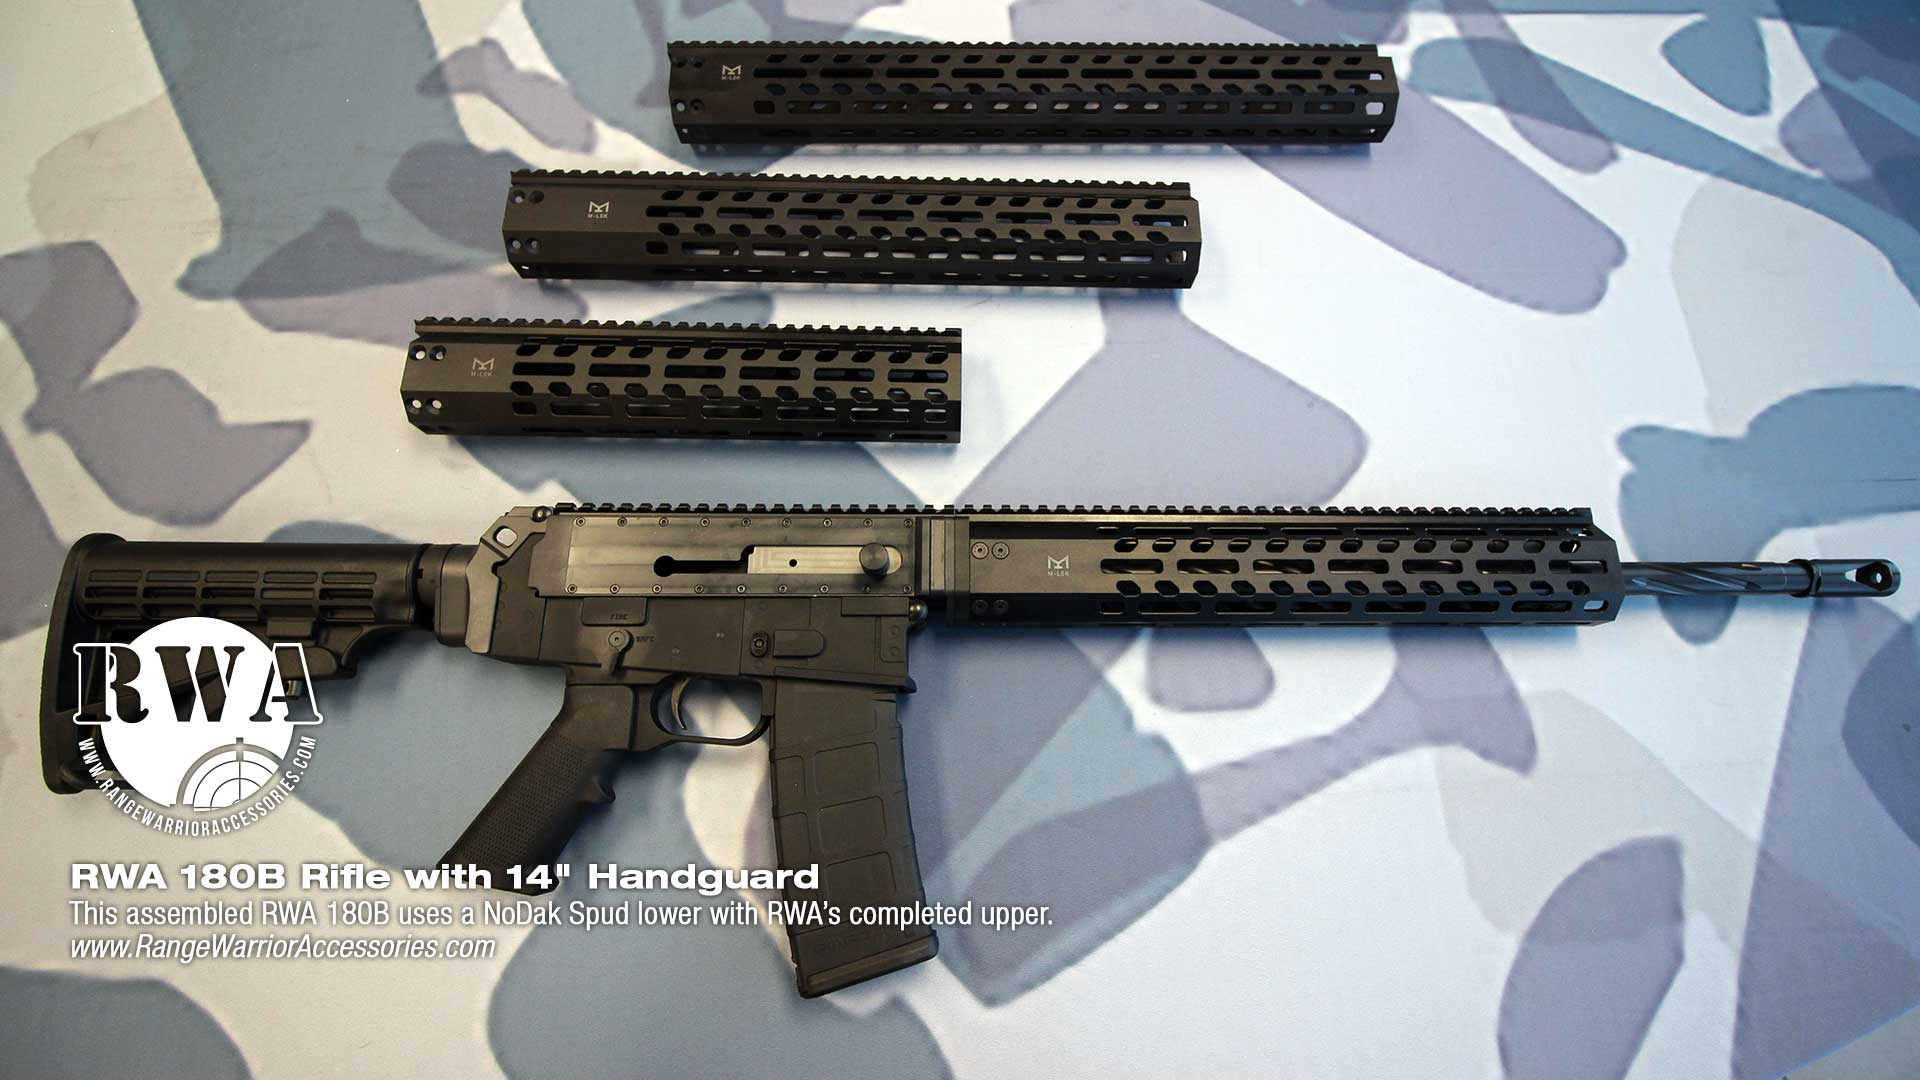 RWA AR 180B Rifle with 14-inch handguard